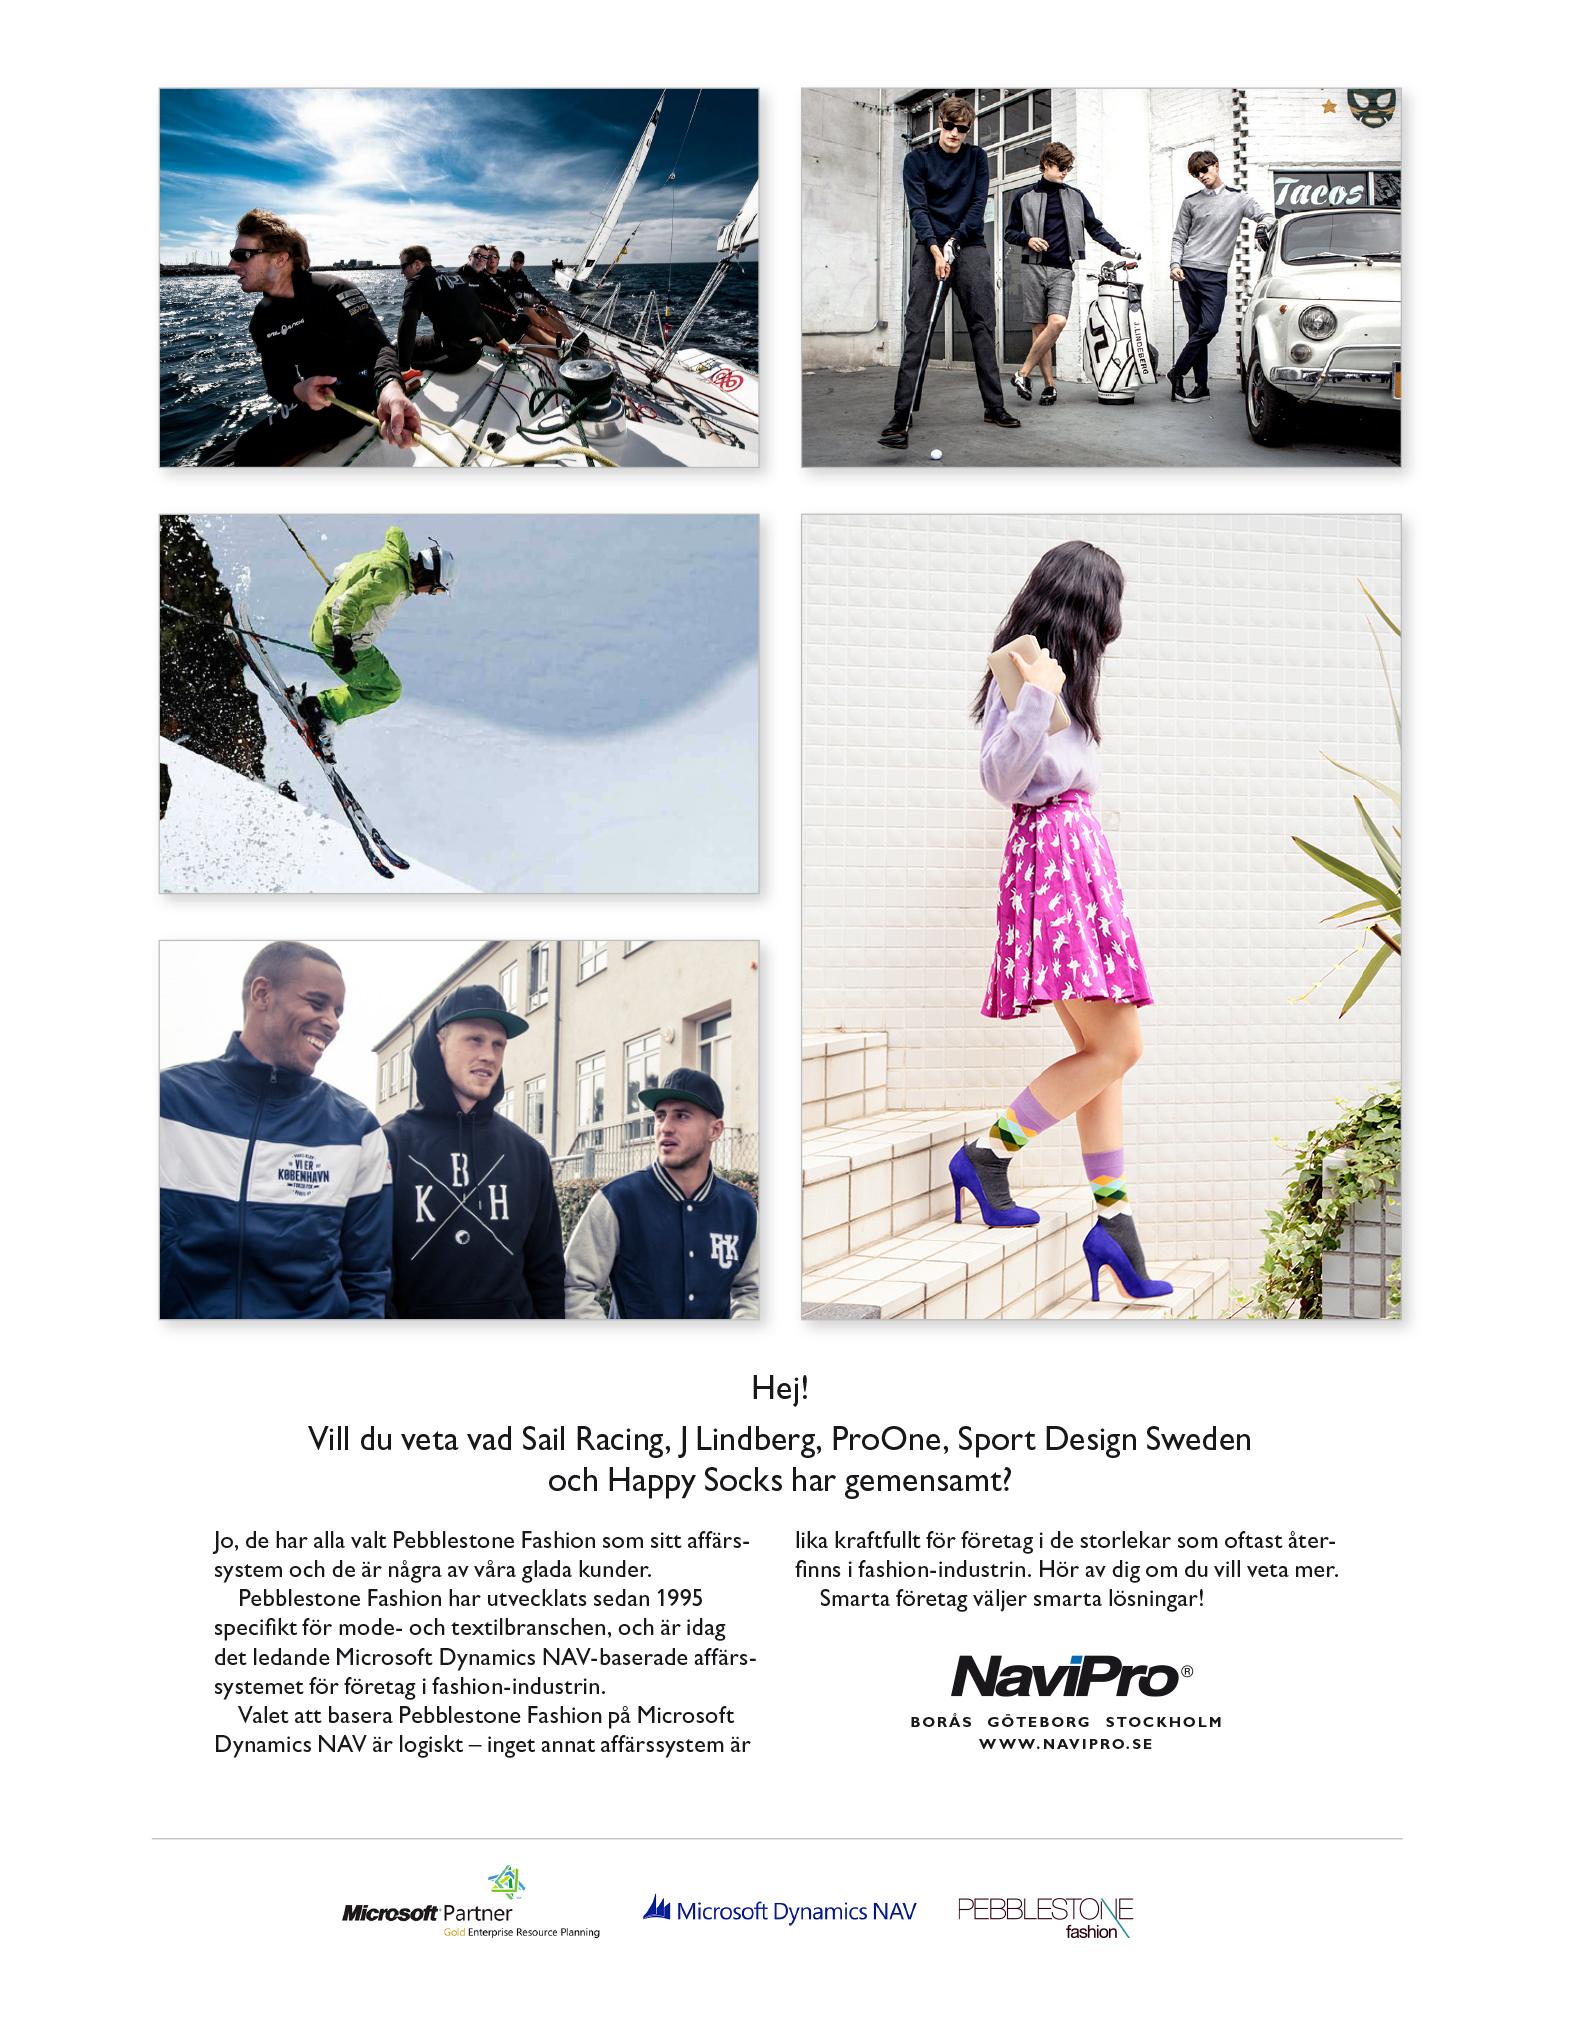 Annons för NaviPro